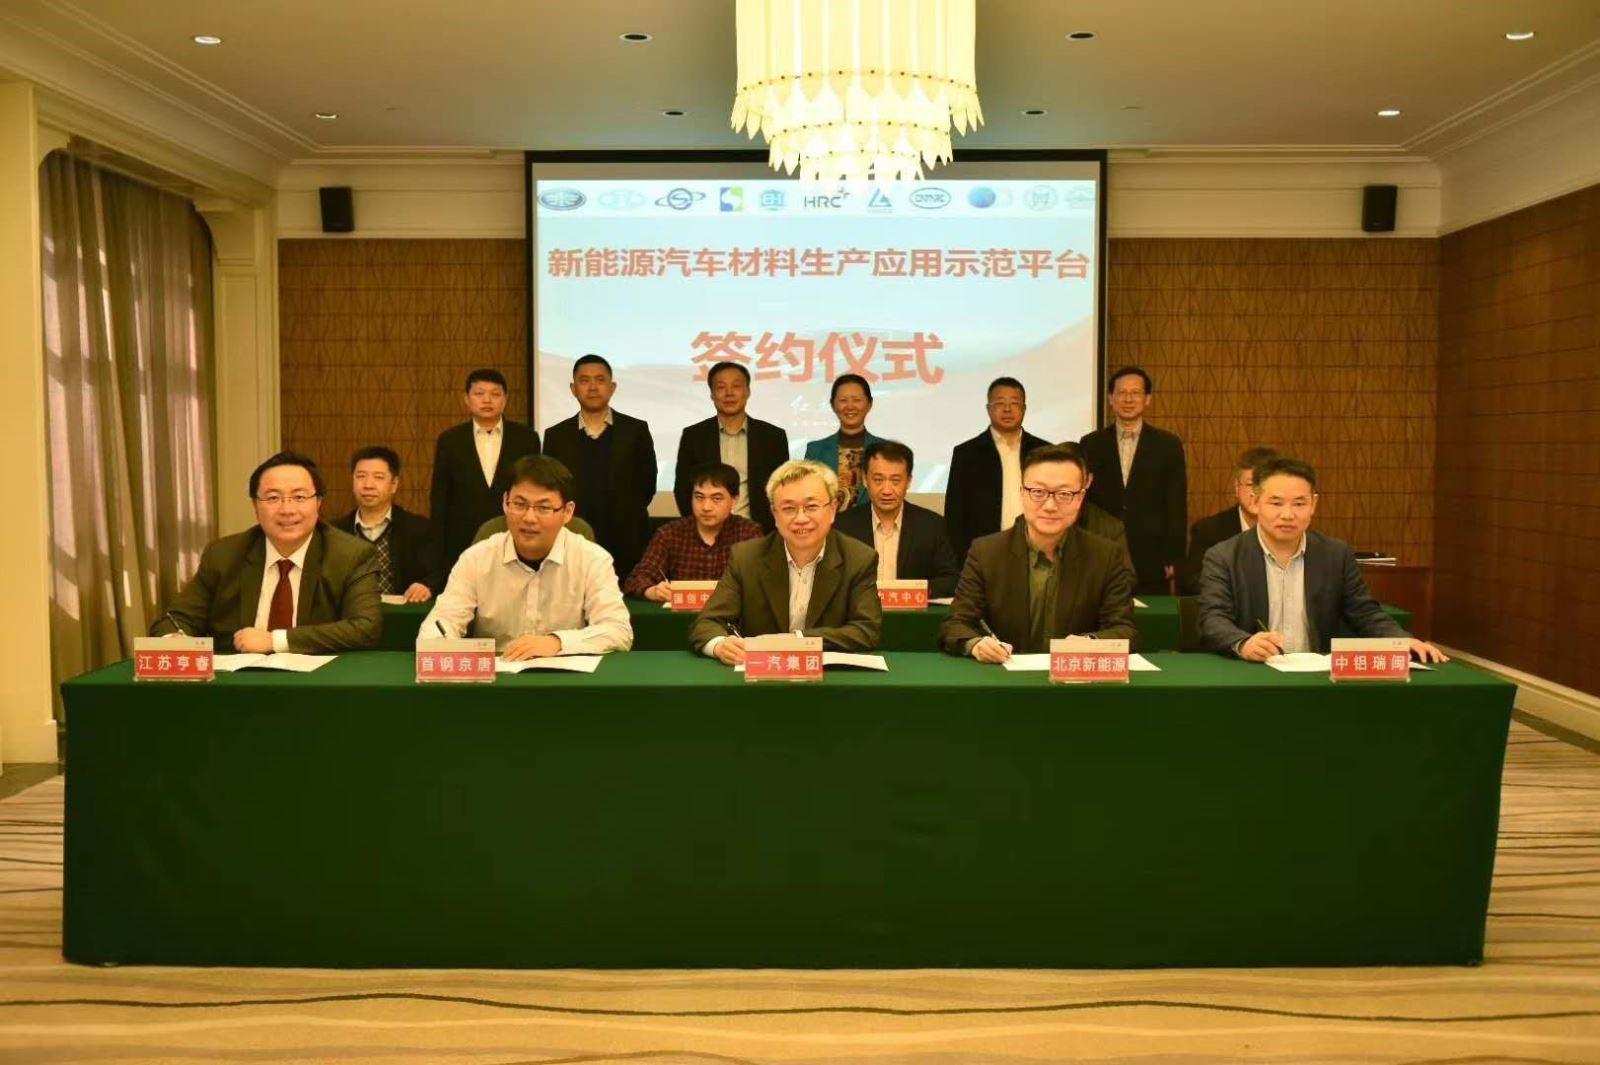 中国新利线路导航下属子公司代表复合材料企业成功联合中标工信部新能源汽车材料生产应用示范平台项目